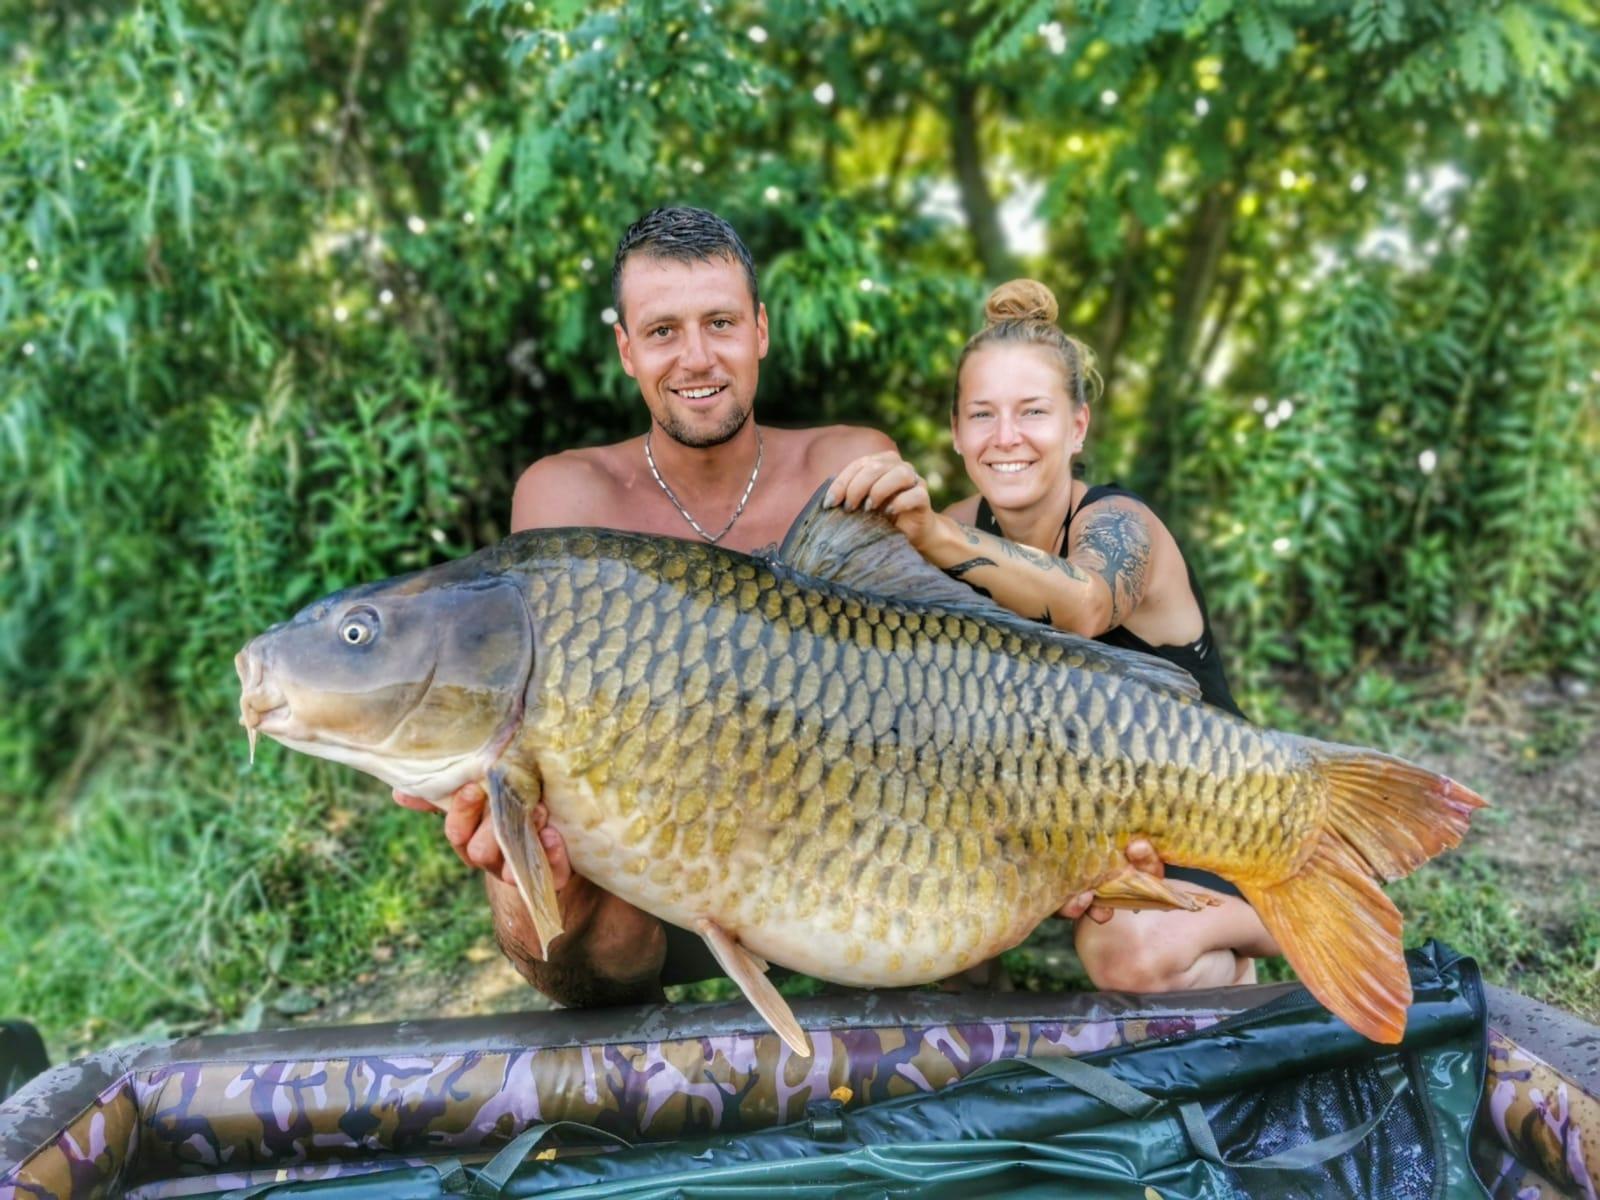 Dovolená snů s rybářskou rodinou